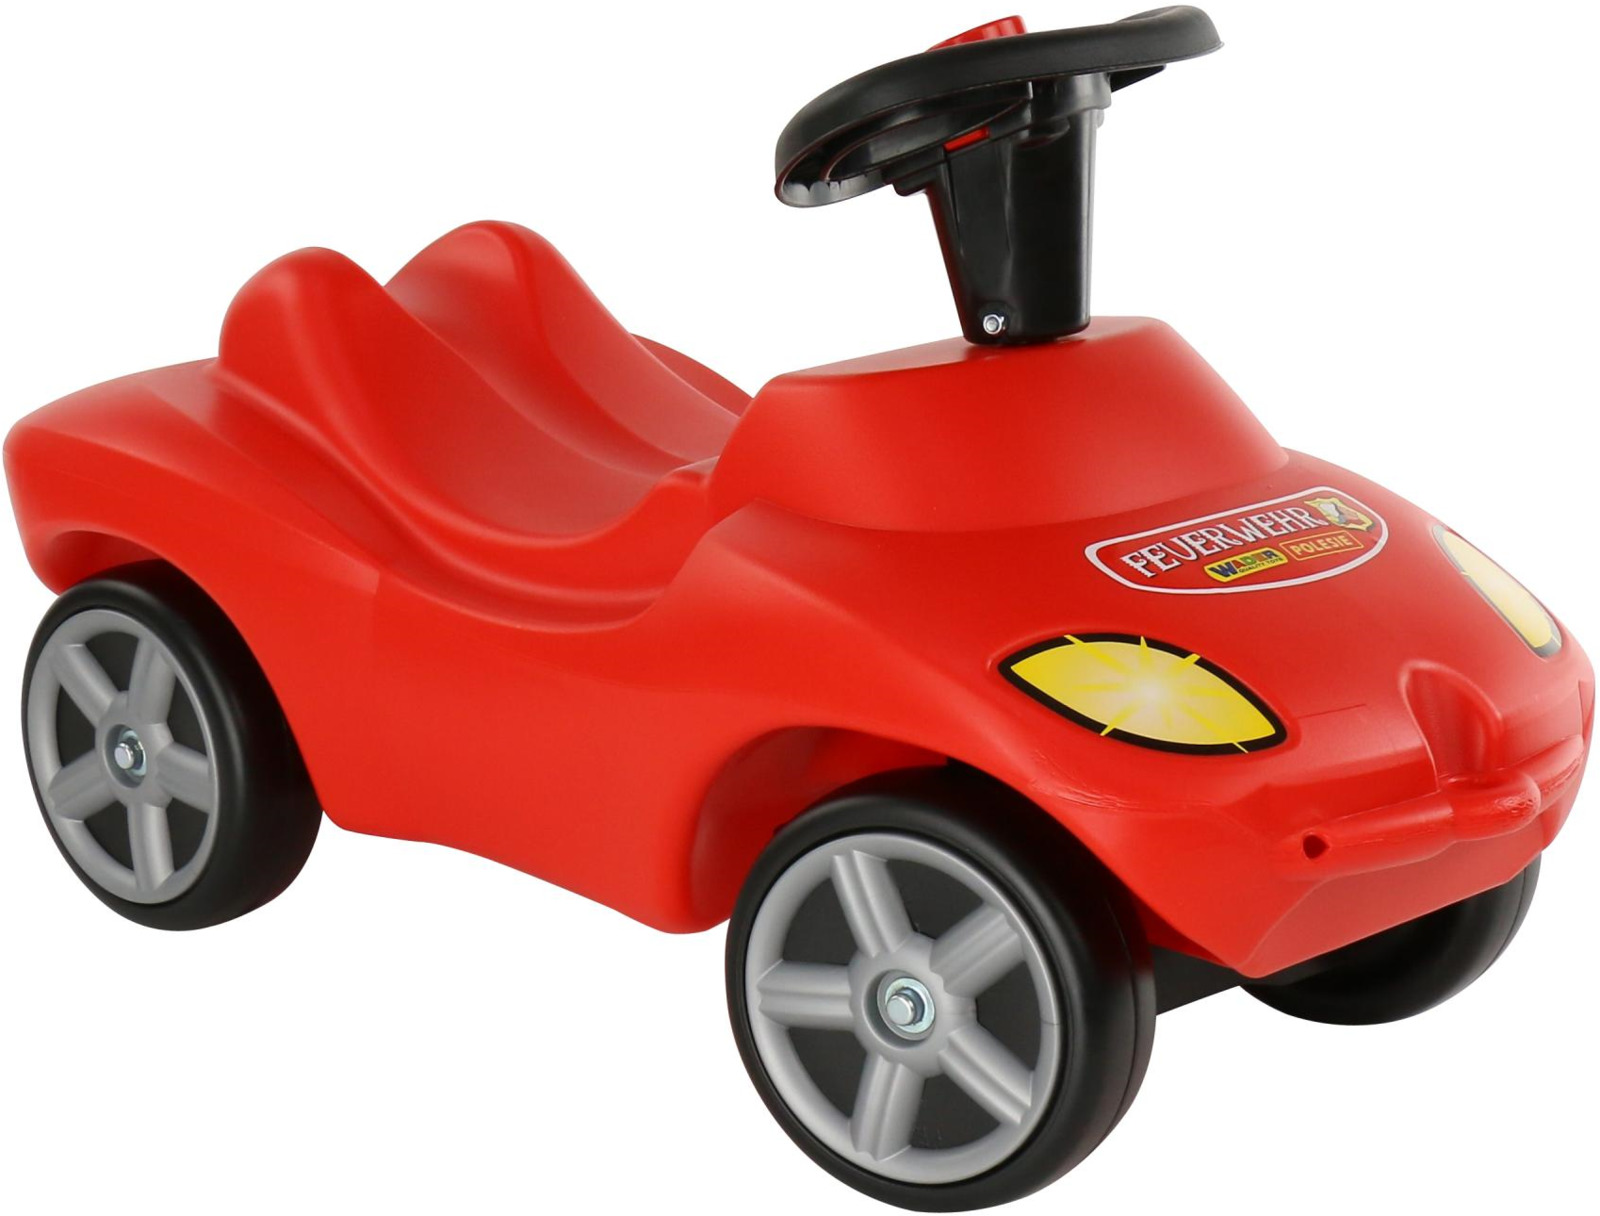 Фото - Автомобиль-каталка Полесье Пожарная команда, со звуковым сигналом, цвет в ассортименте полесье набор игрушек для песочницы 468 цвет в ассортименте